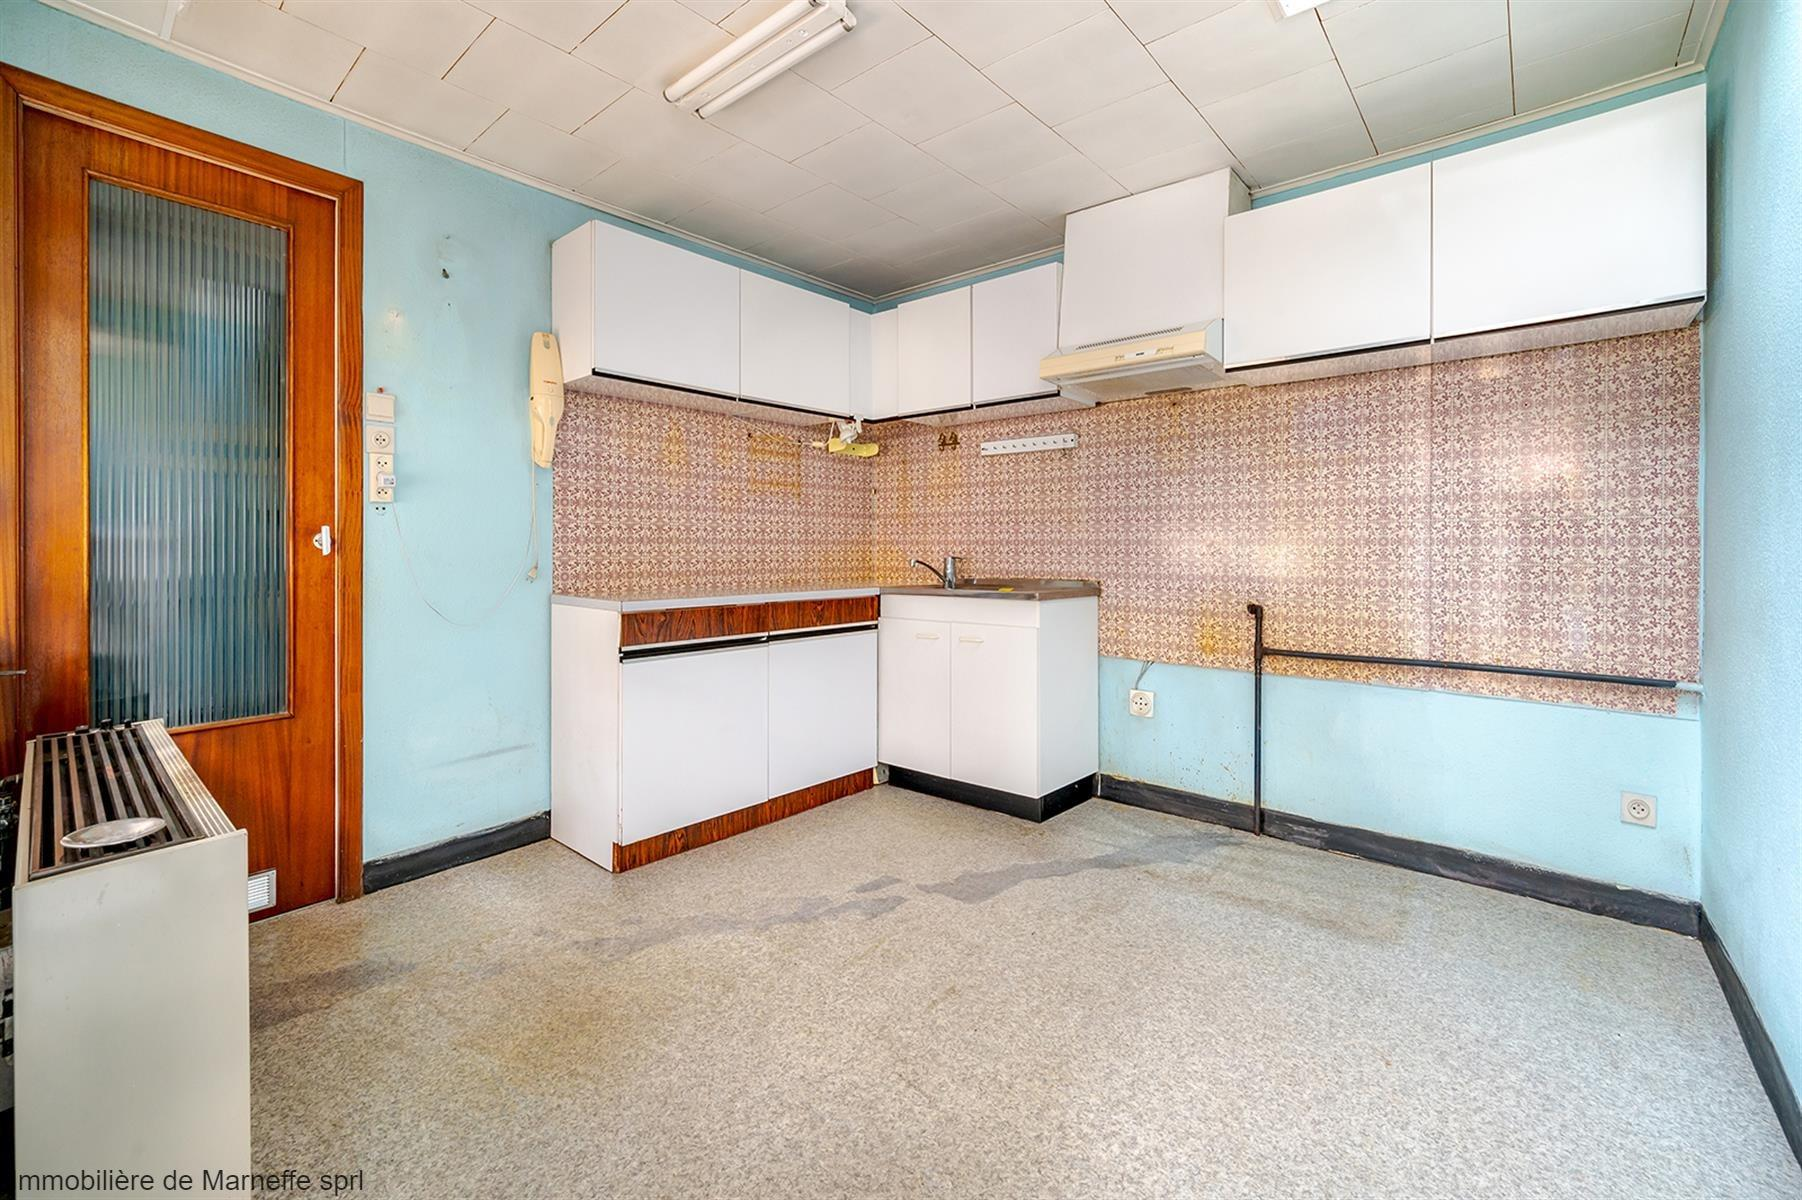 Maison - Liege - #4405271-8